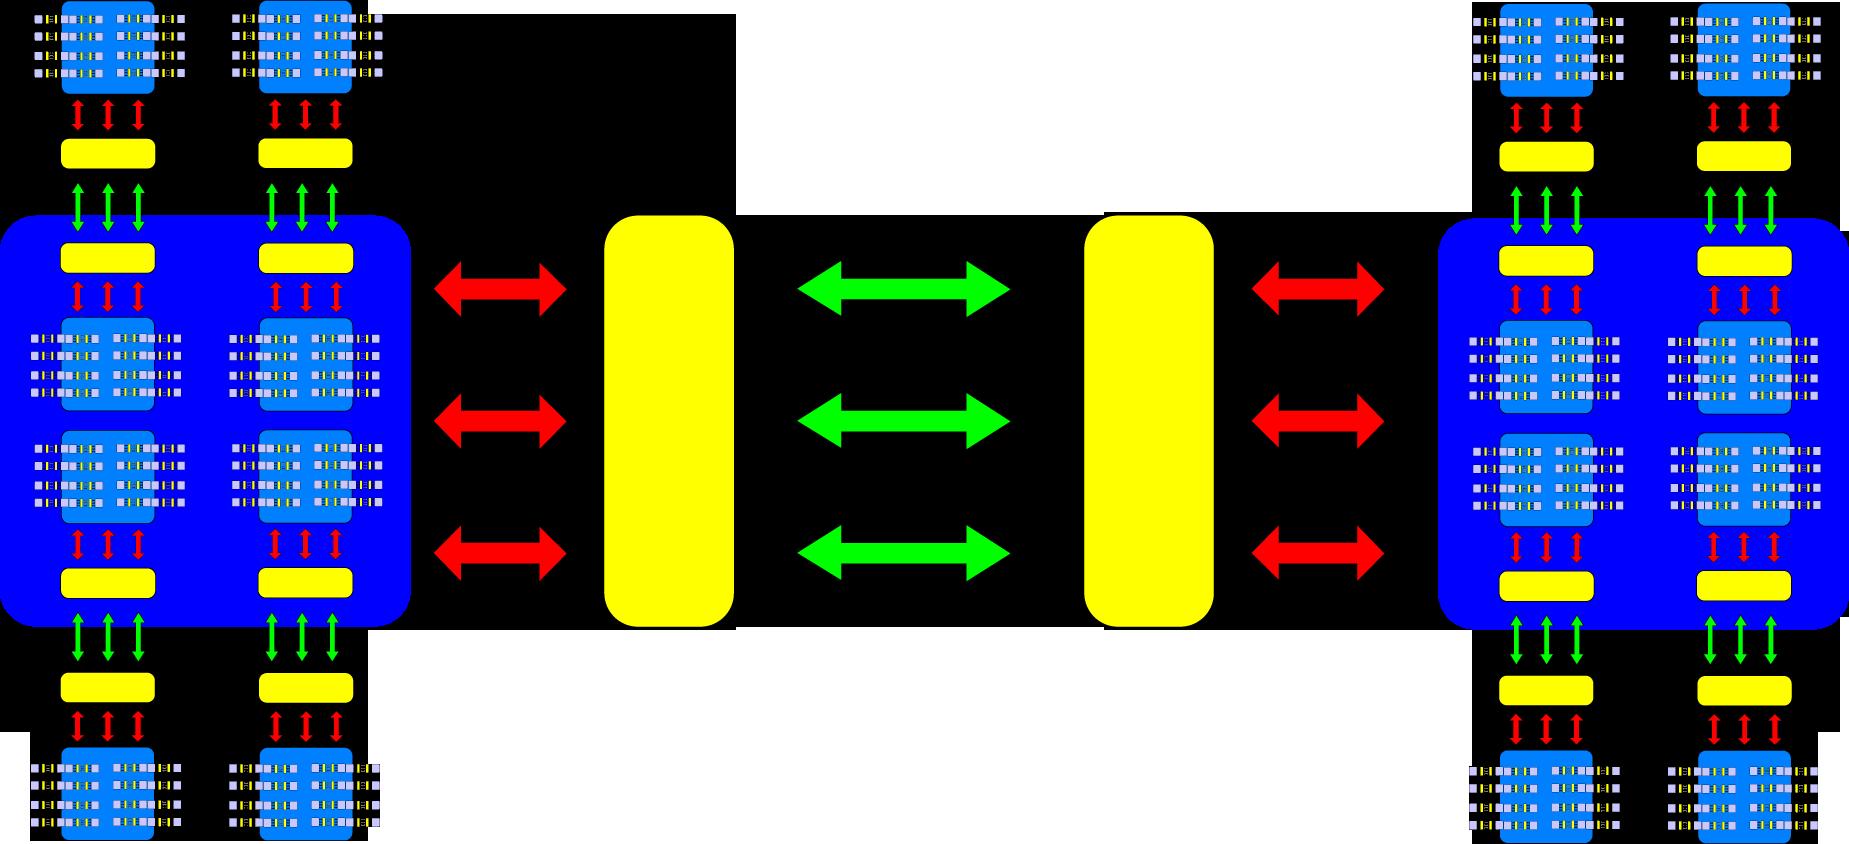 תיאור פרקטלי של אבסטרקציה